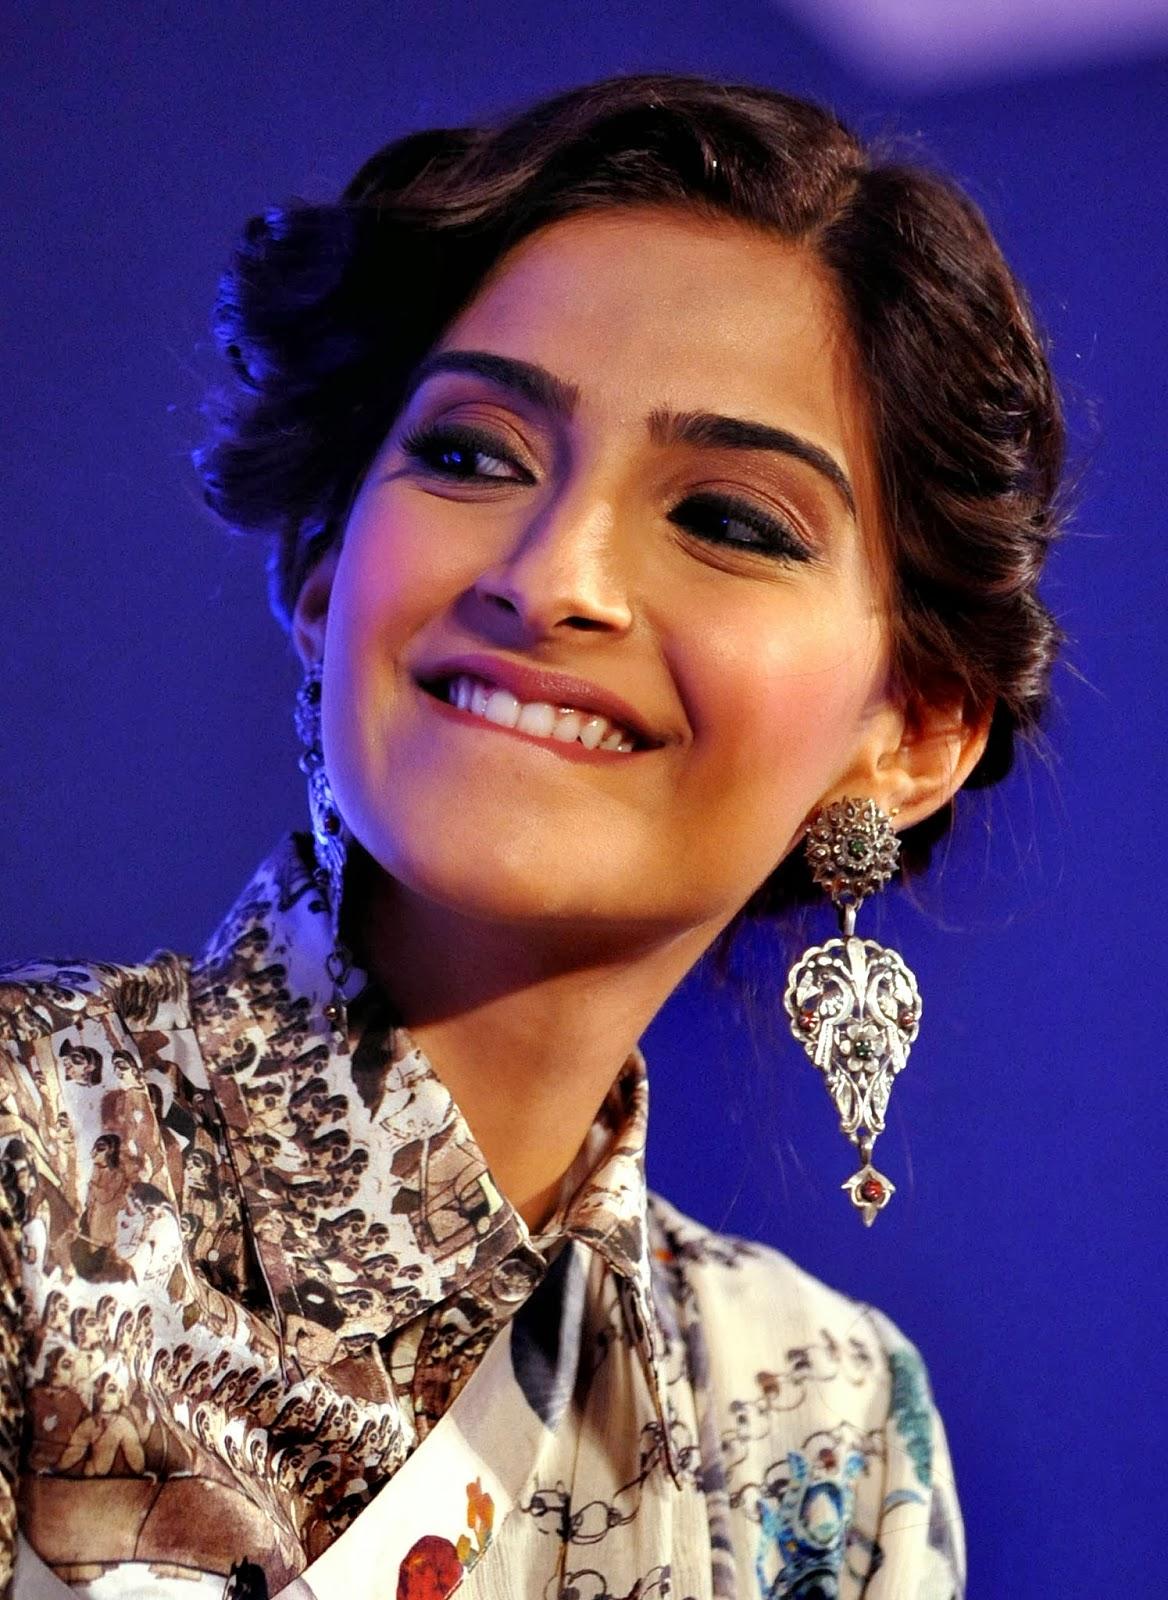 Actress, Awards, Bollywood, Brand Ambassador, Entertainment, Femina Women Awards, L'Oreal Paris, L'Oreal Paris Femina Women Awards 2014, Showbiz, Sonam Kapoor, News,